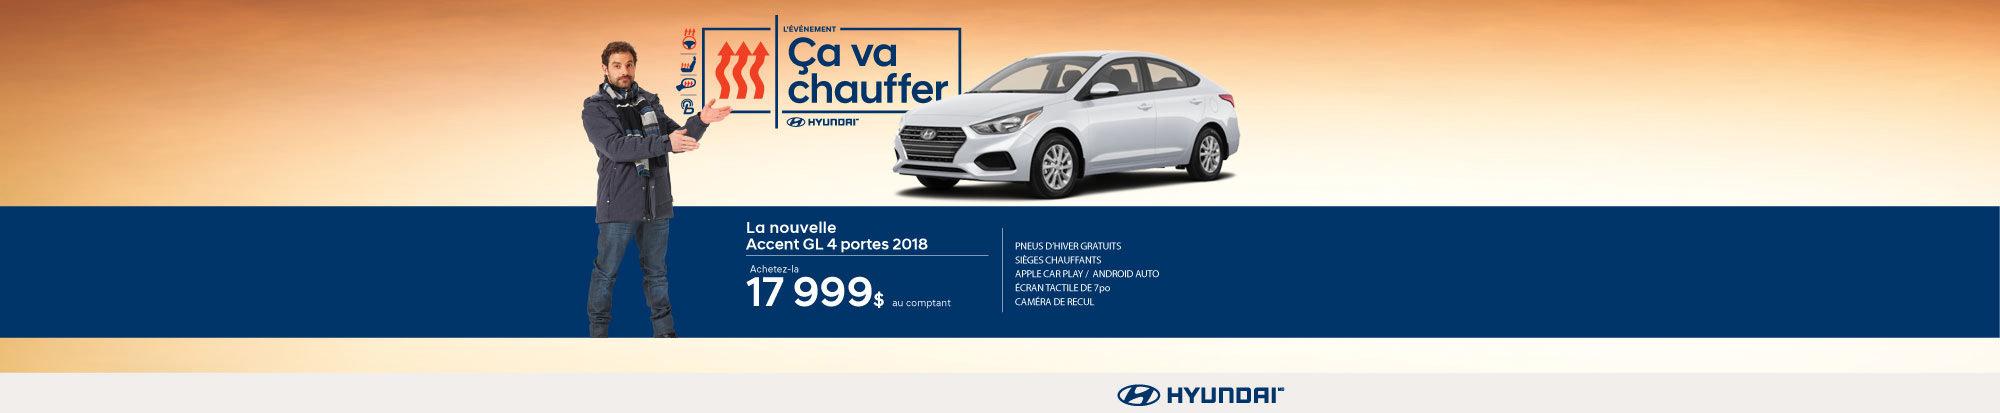 L'événement ÇA VA CHAUFFER chez Hyundai avec l'Accent berline